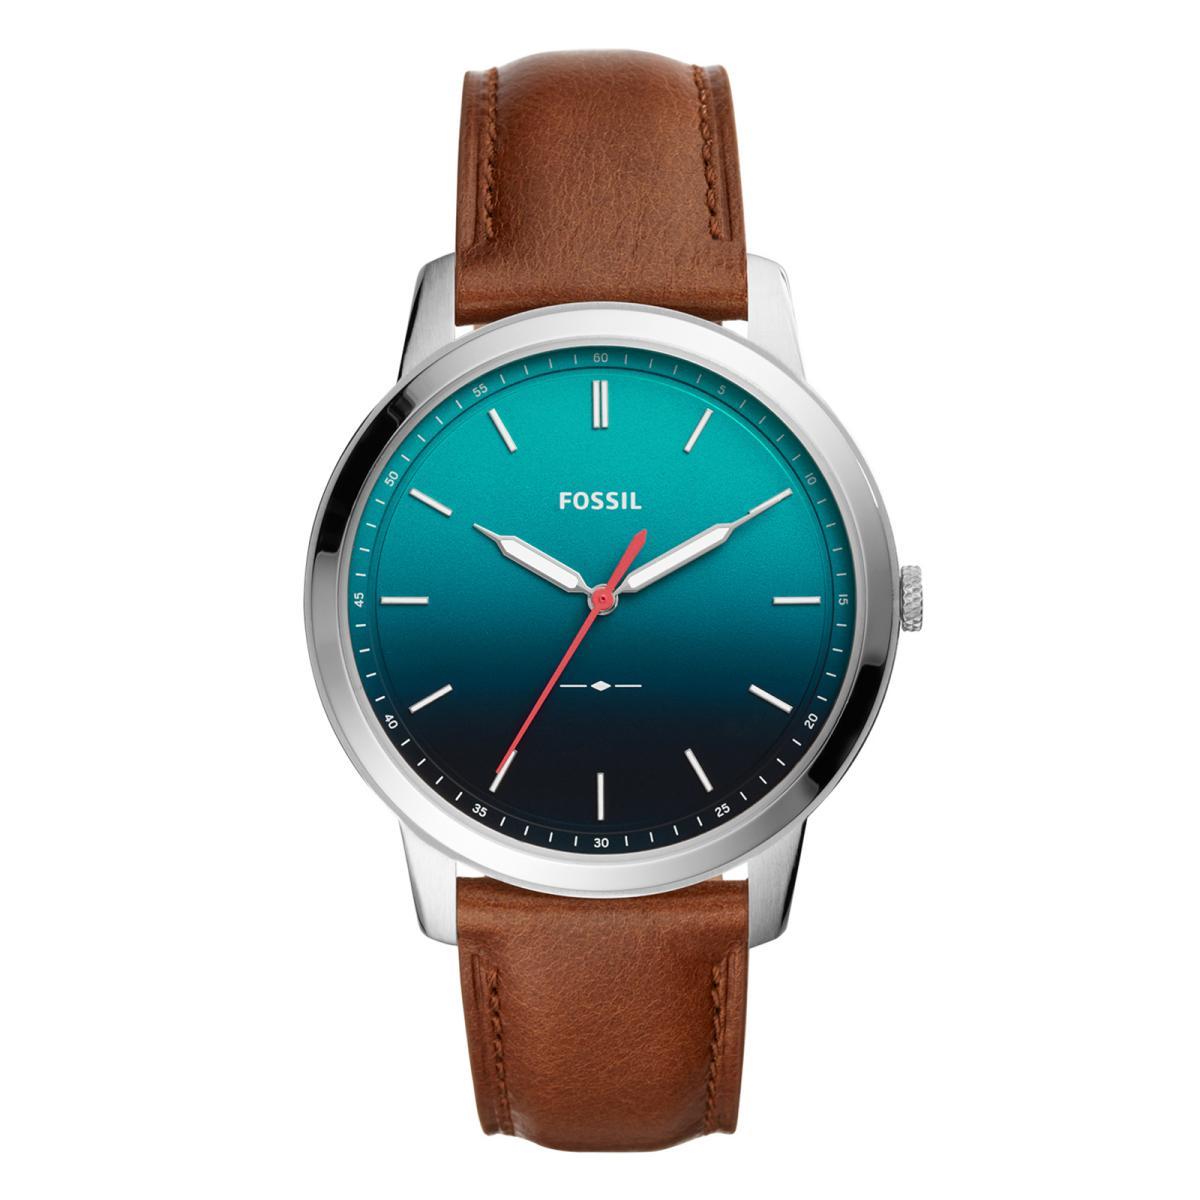 641bcc12ff5f Reloj Fossil - FS5440 - Hombre - Time Square